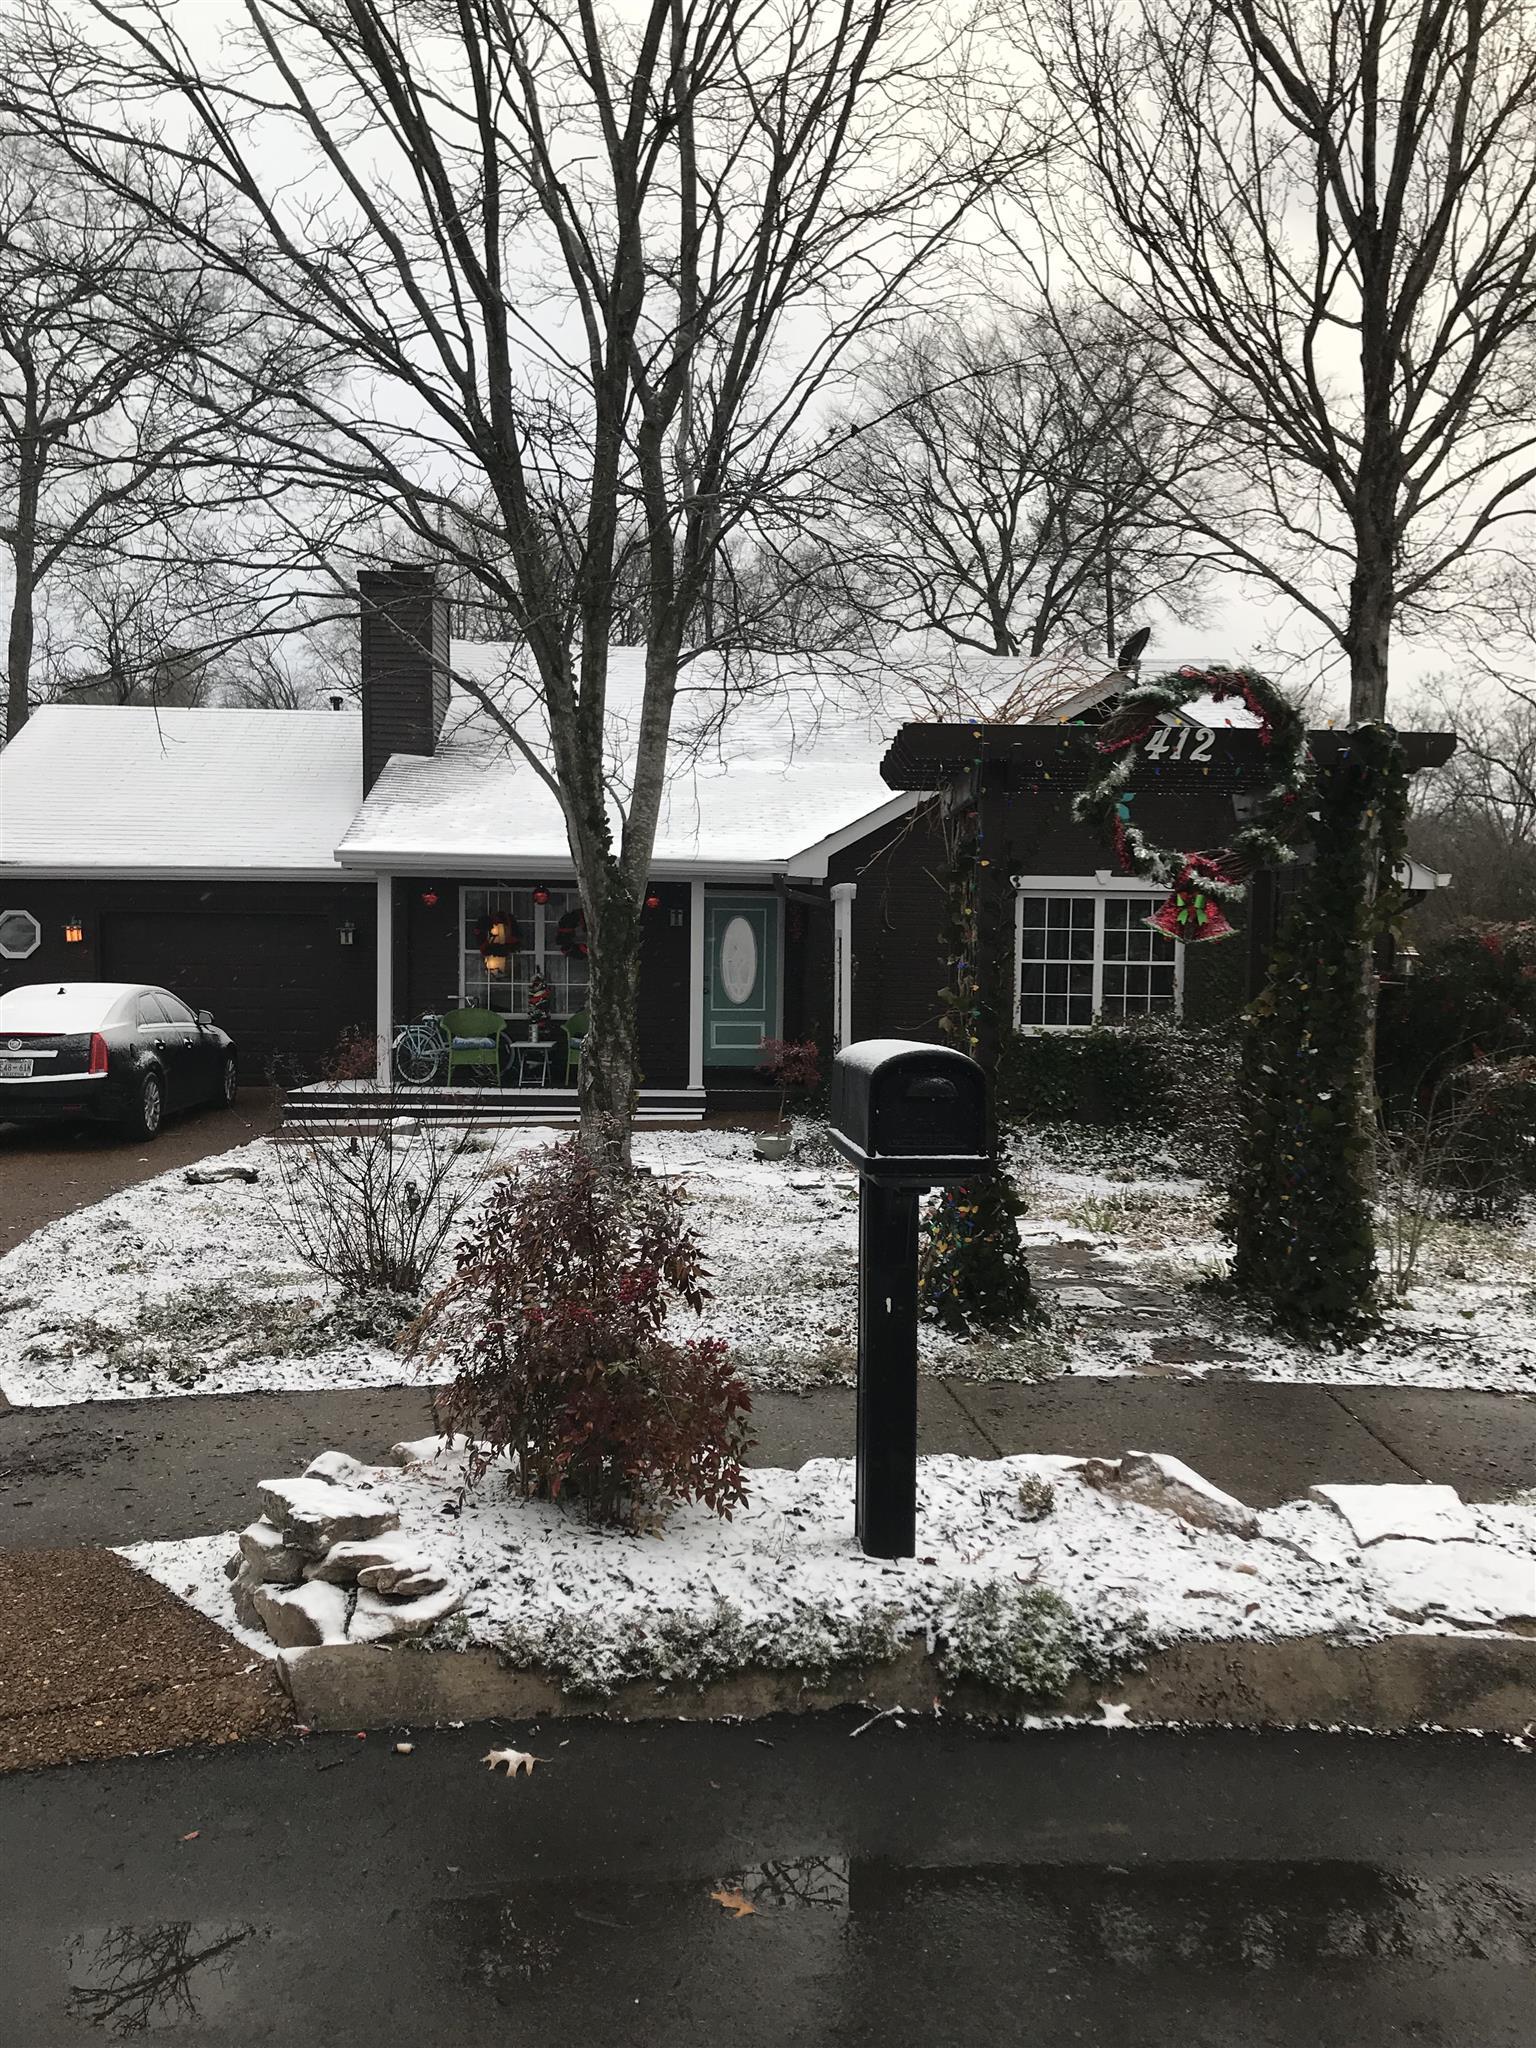 412 White Ct, Franklin, TN 37064